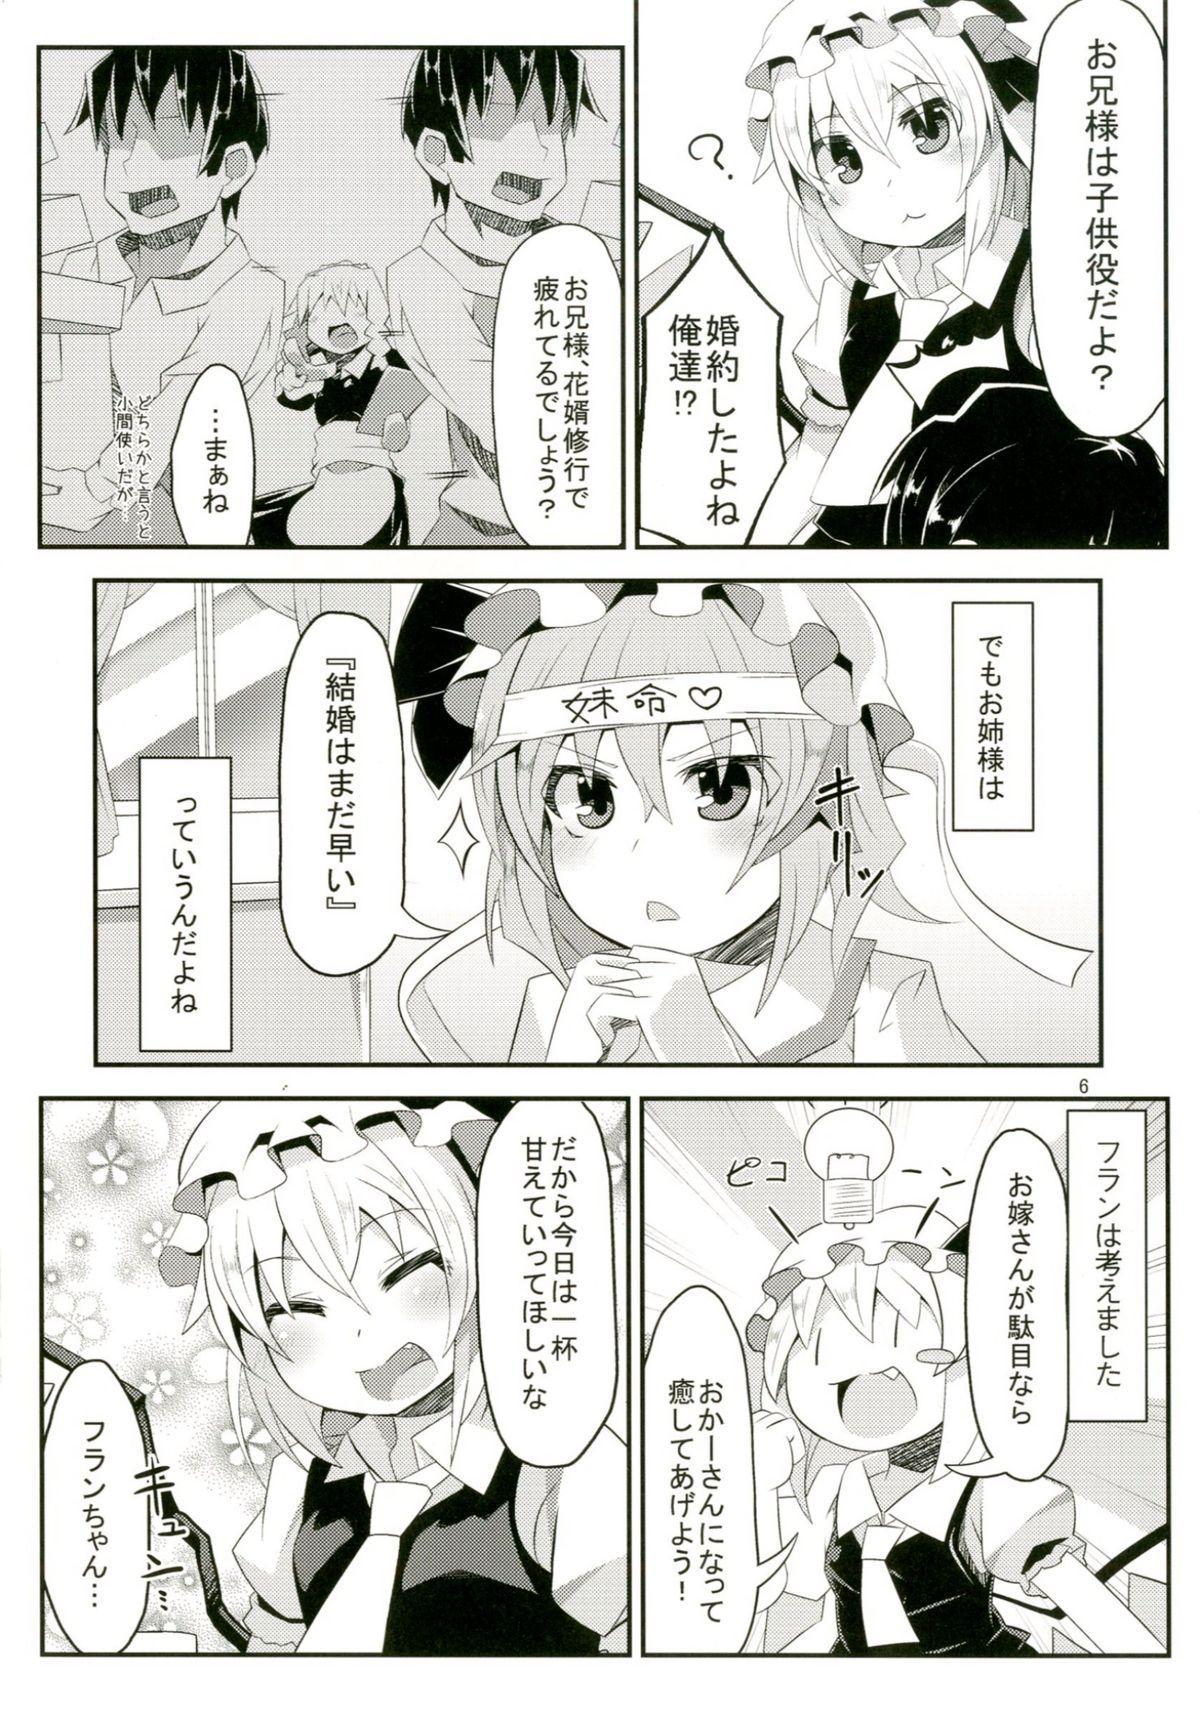 Flan-chan to H na Omamagoto 5